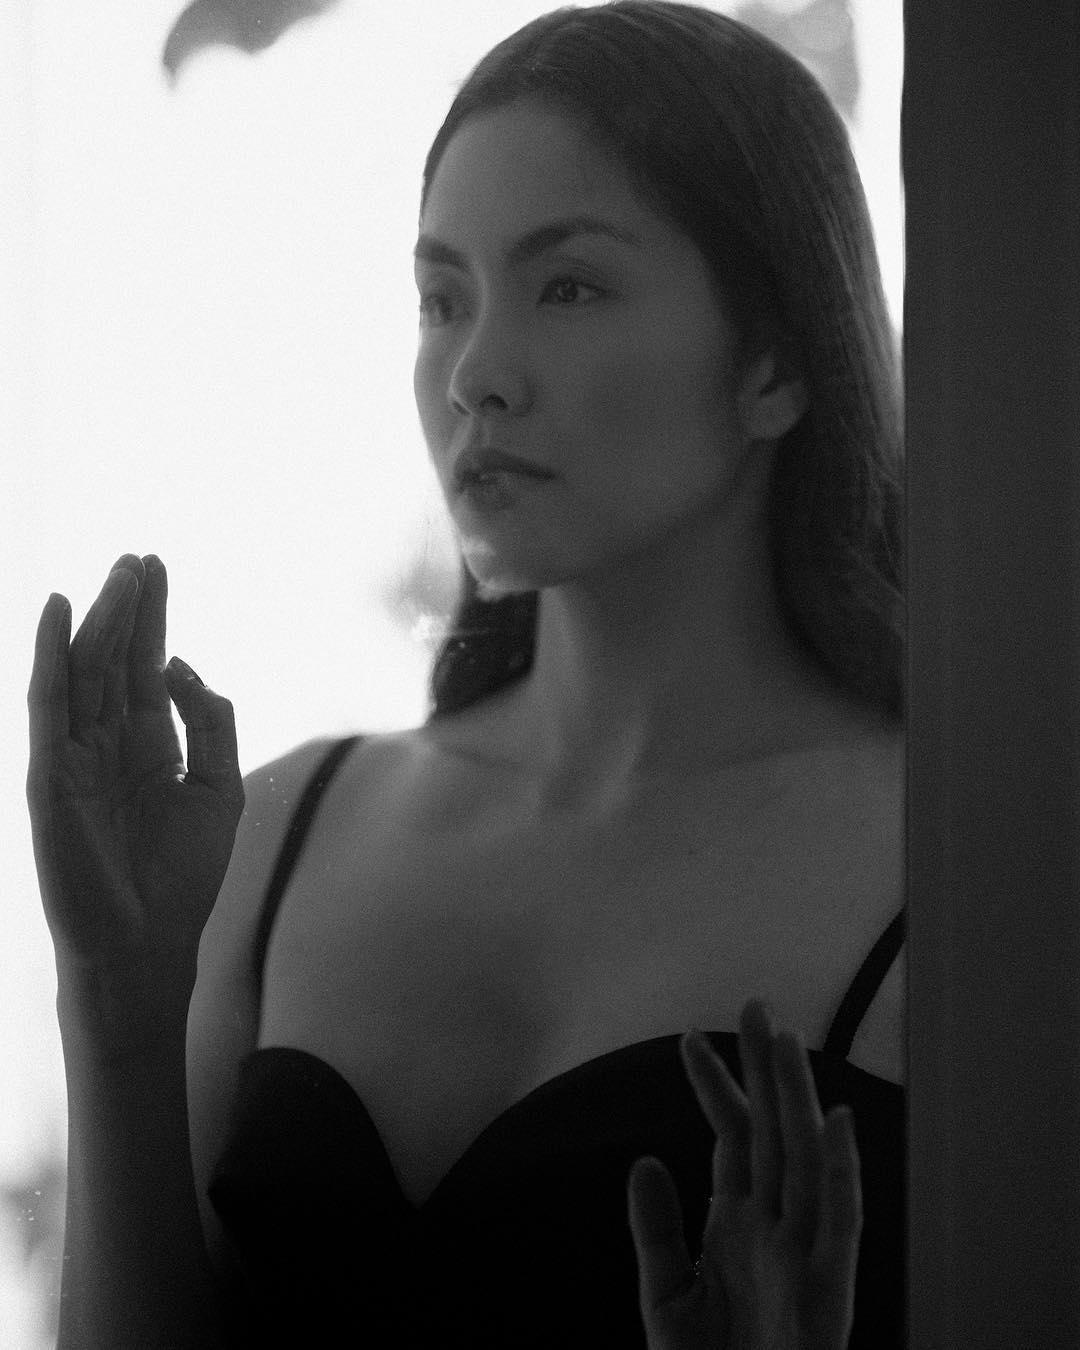 Tin sao Việt 15/11: Lý Phương Châu chia sẻ niềm hạnh phúc khi yêu Hiền Sến-7